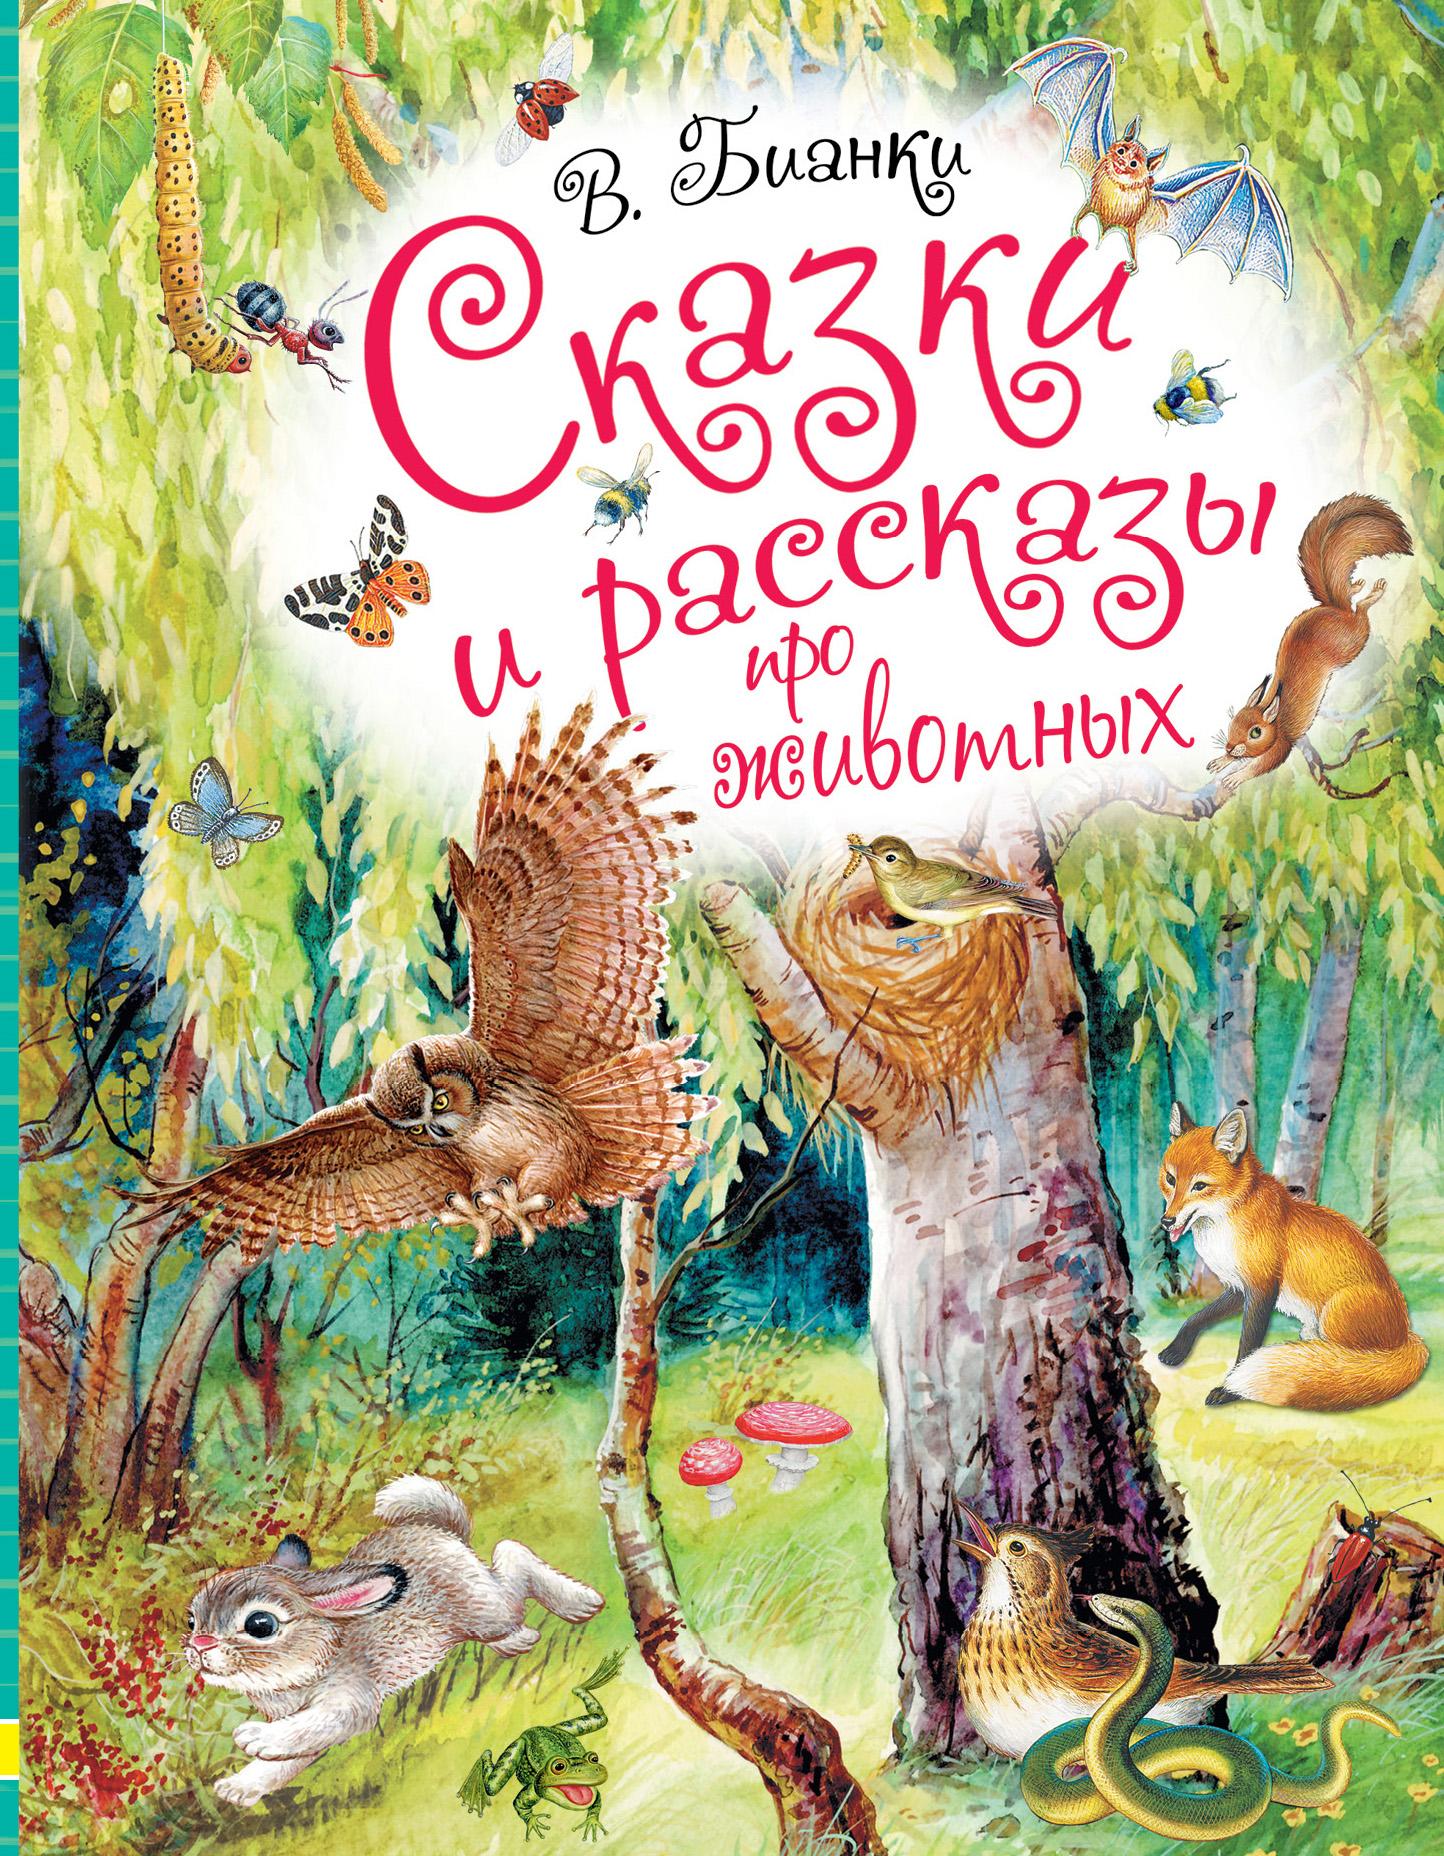 Виталий Бианки Сказки и рассказы про животных бианки в пришвин м сладков н лесные сказки и истории